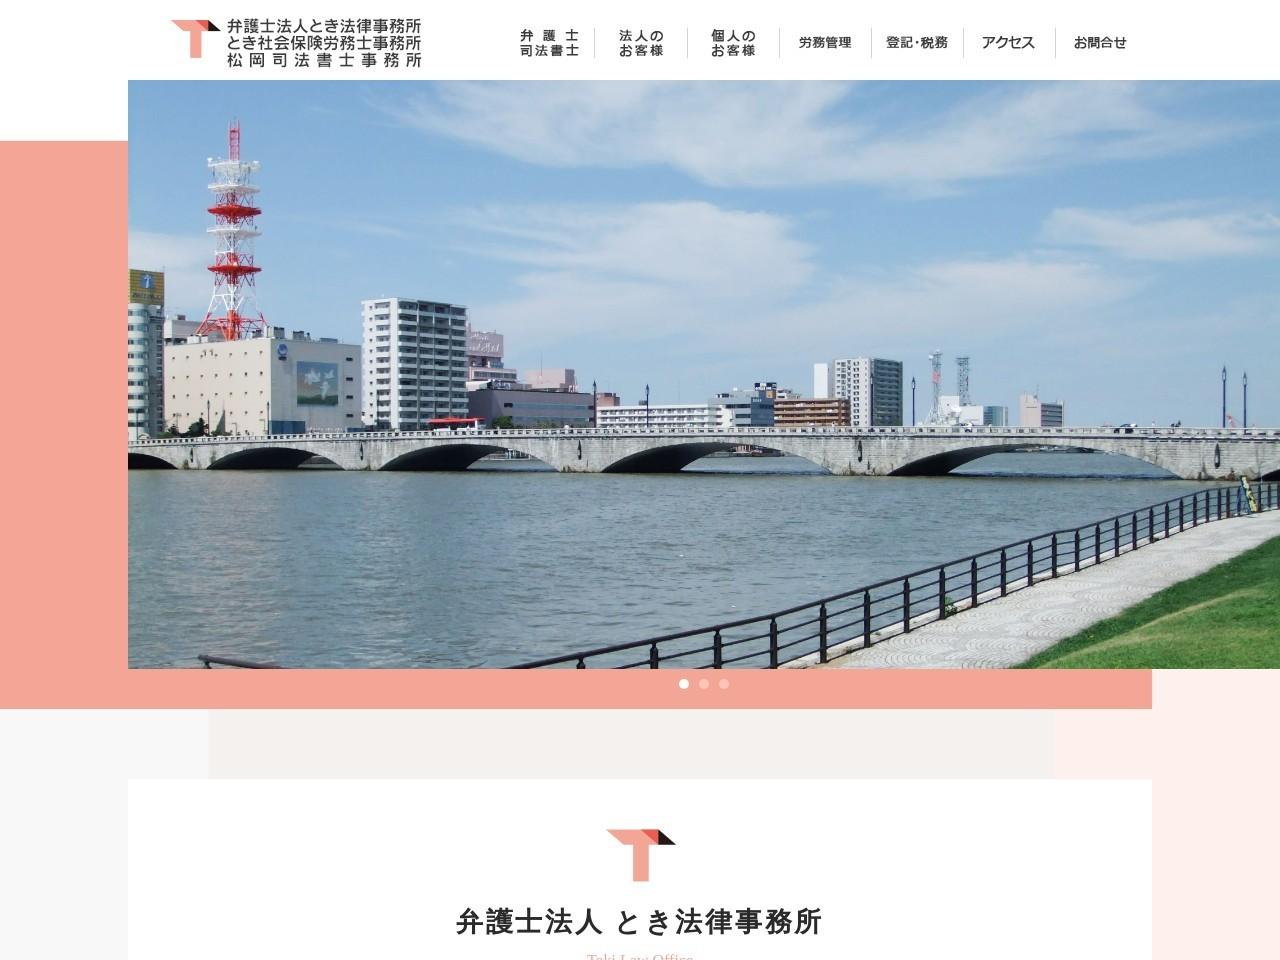 島垣総合法律事務所